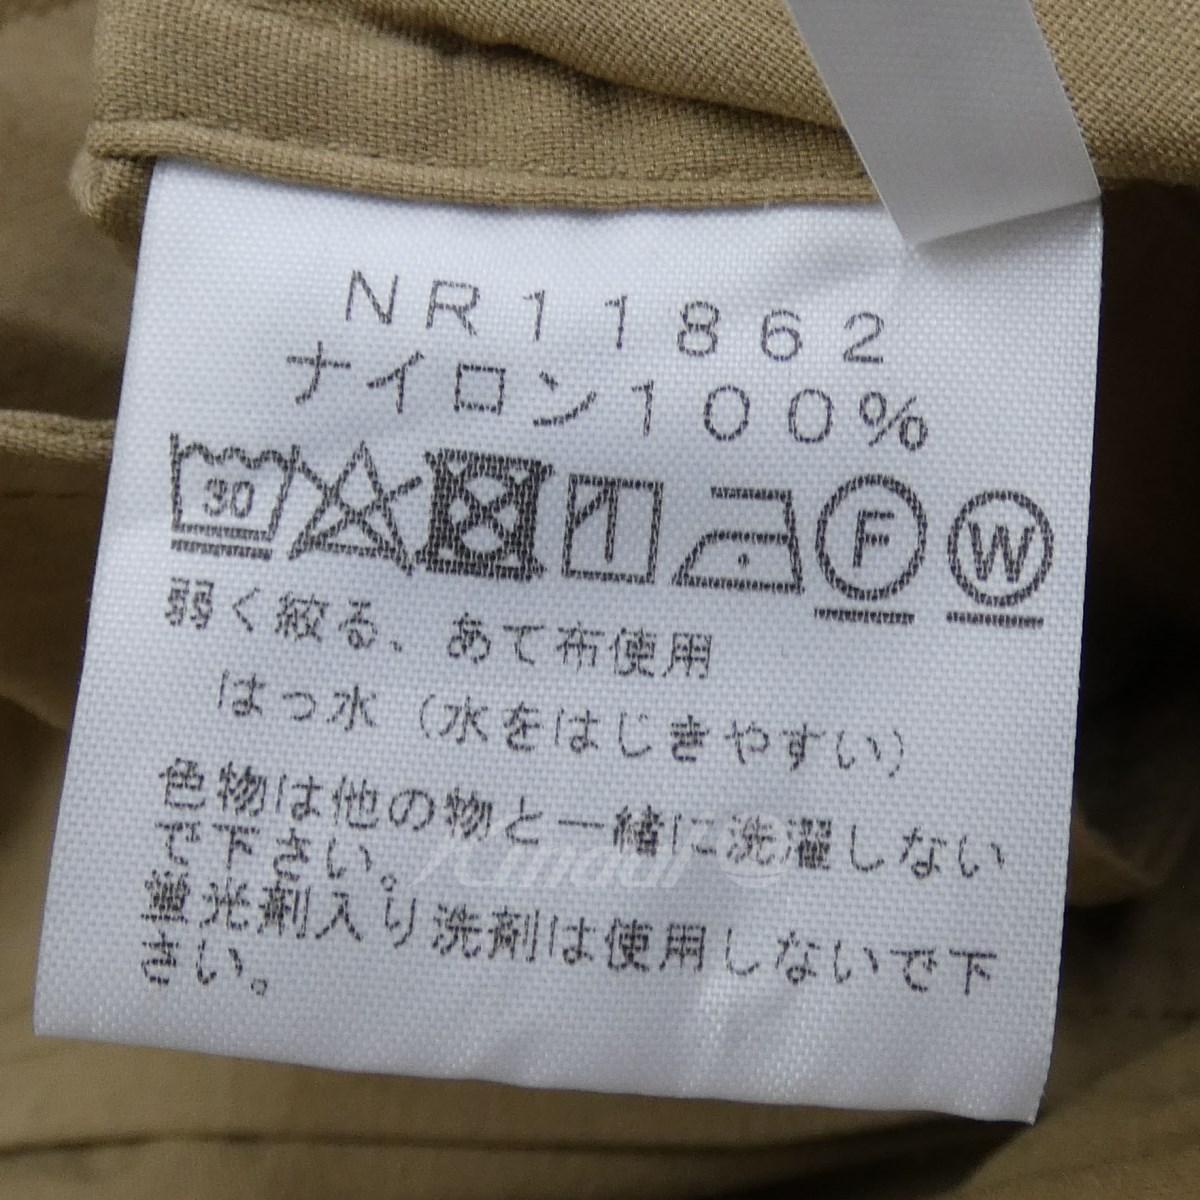 THE NORTH FACE 18SS NR11862 ユーティリティシャツコート ベージュ サイズ M210220ザノースフェイスlcKJ1F